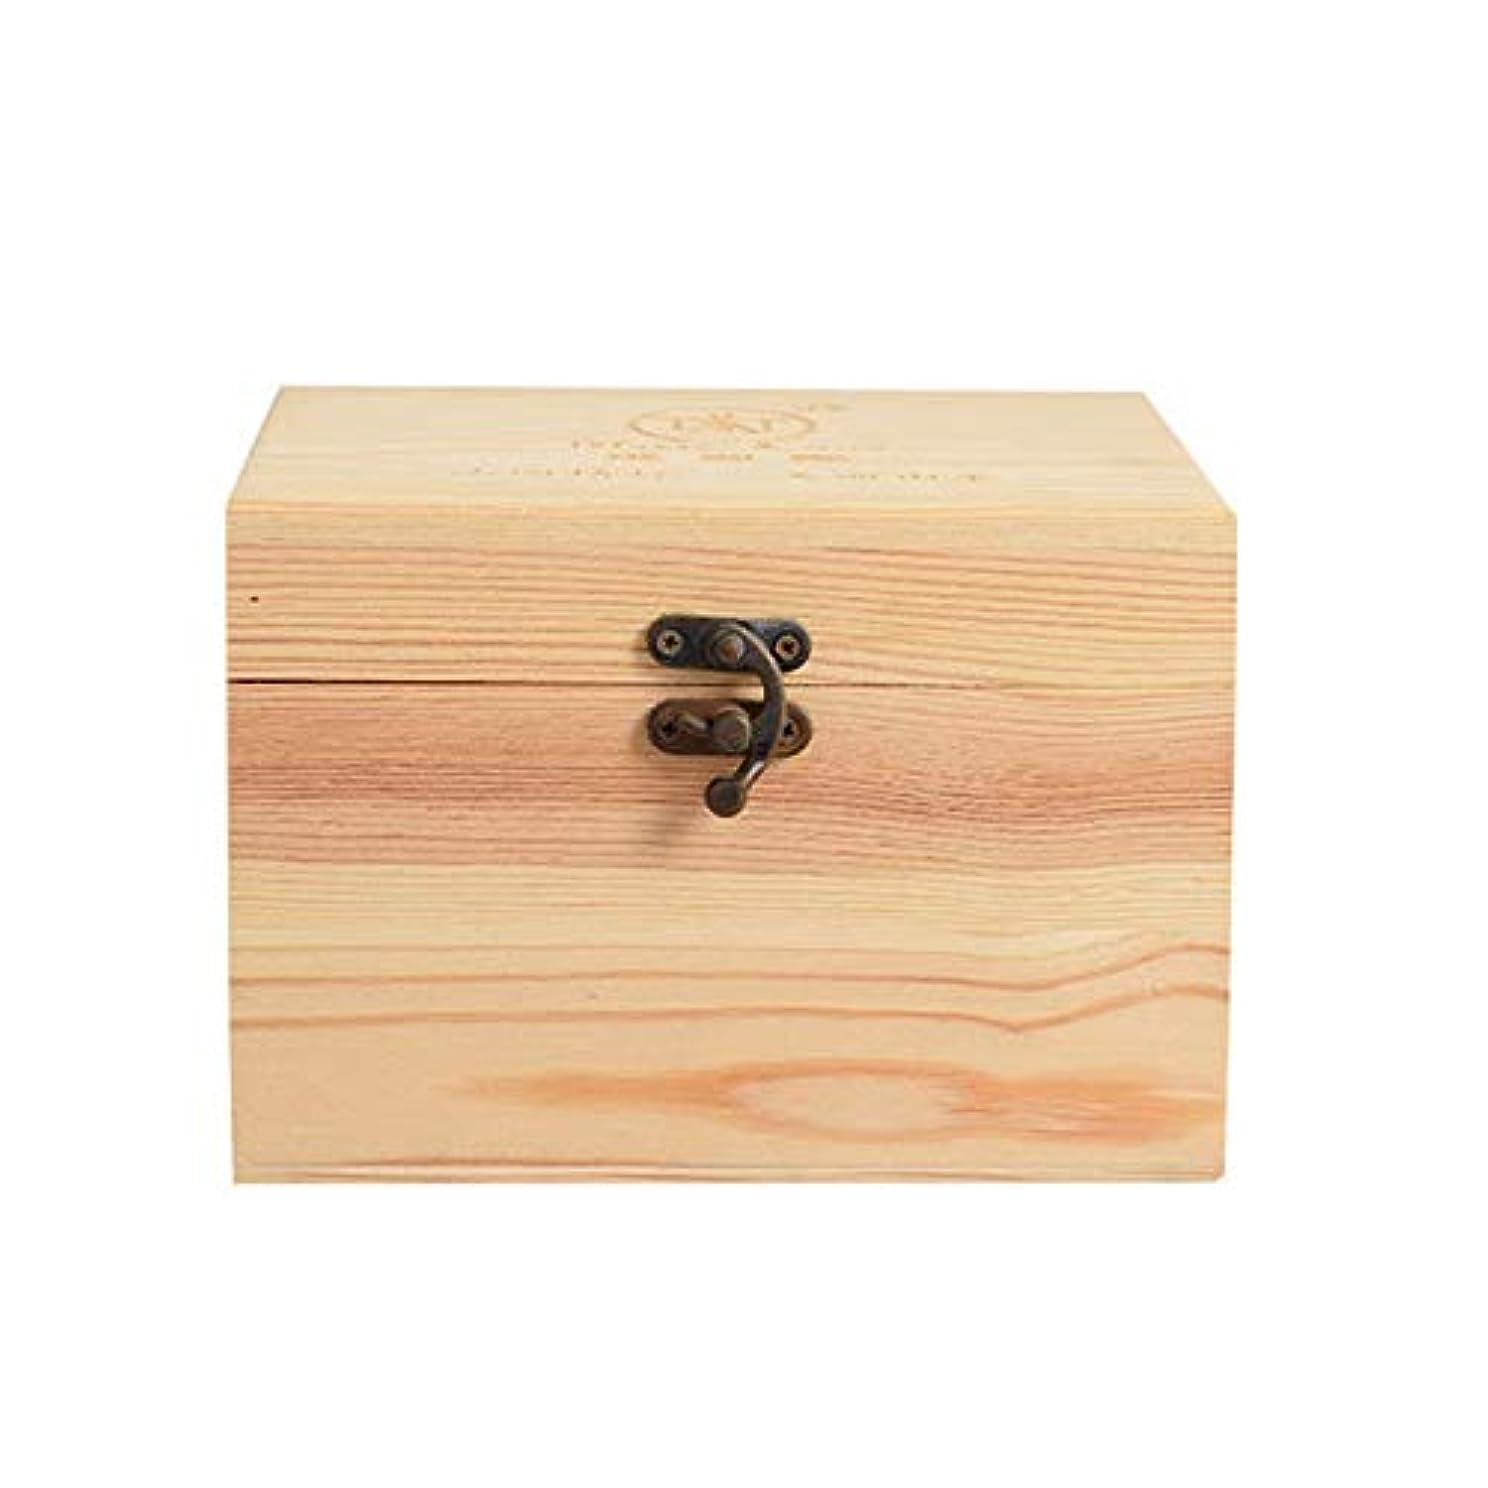 換気放棄された分数プレゼンテーションのために9ボトル木製エッセンシャルオイルストレージボックスパーフェクトエッセンシャルオイルケースは被害太陽光からあなたの油を保護します アロマセラピー製品 (色 : Natural, サイズ : 16.5X11.5X15CM)